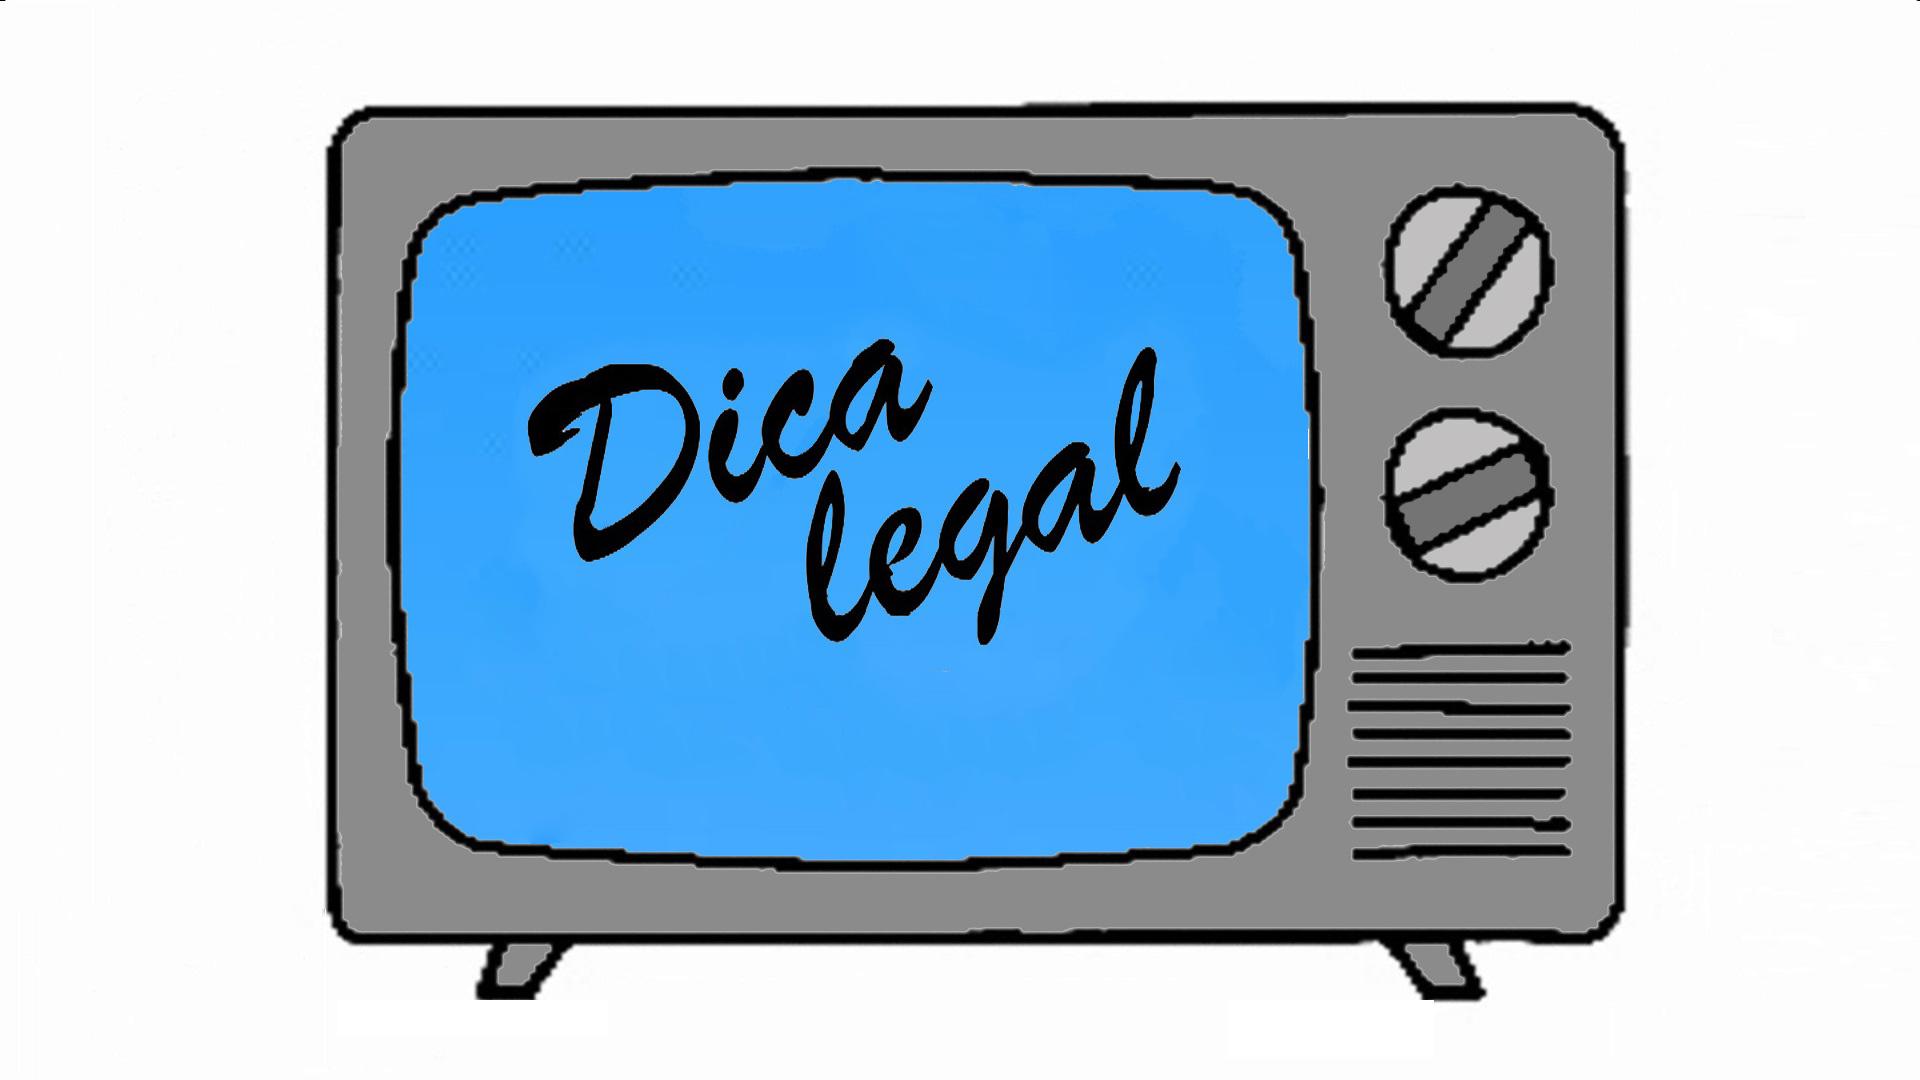 DICA LEGAL